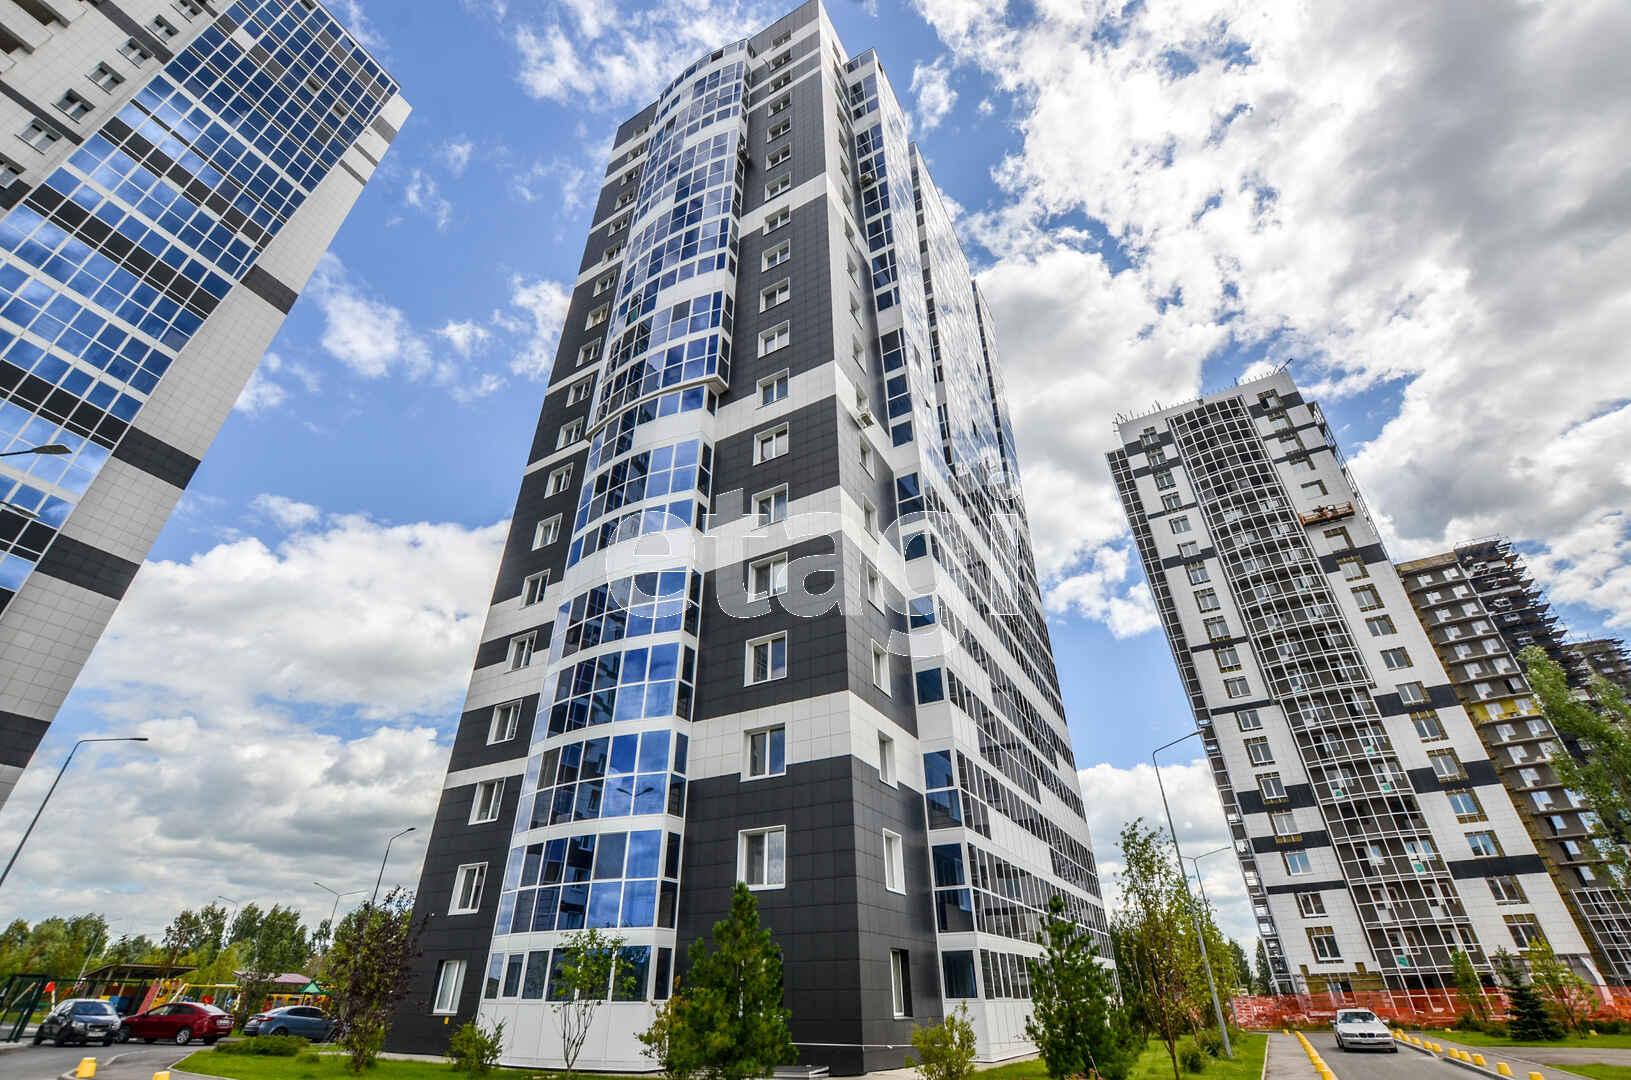 Компания «Этажи» — лидер рынка недвижимости в Казани